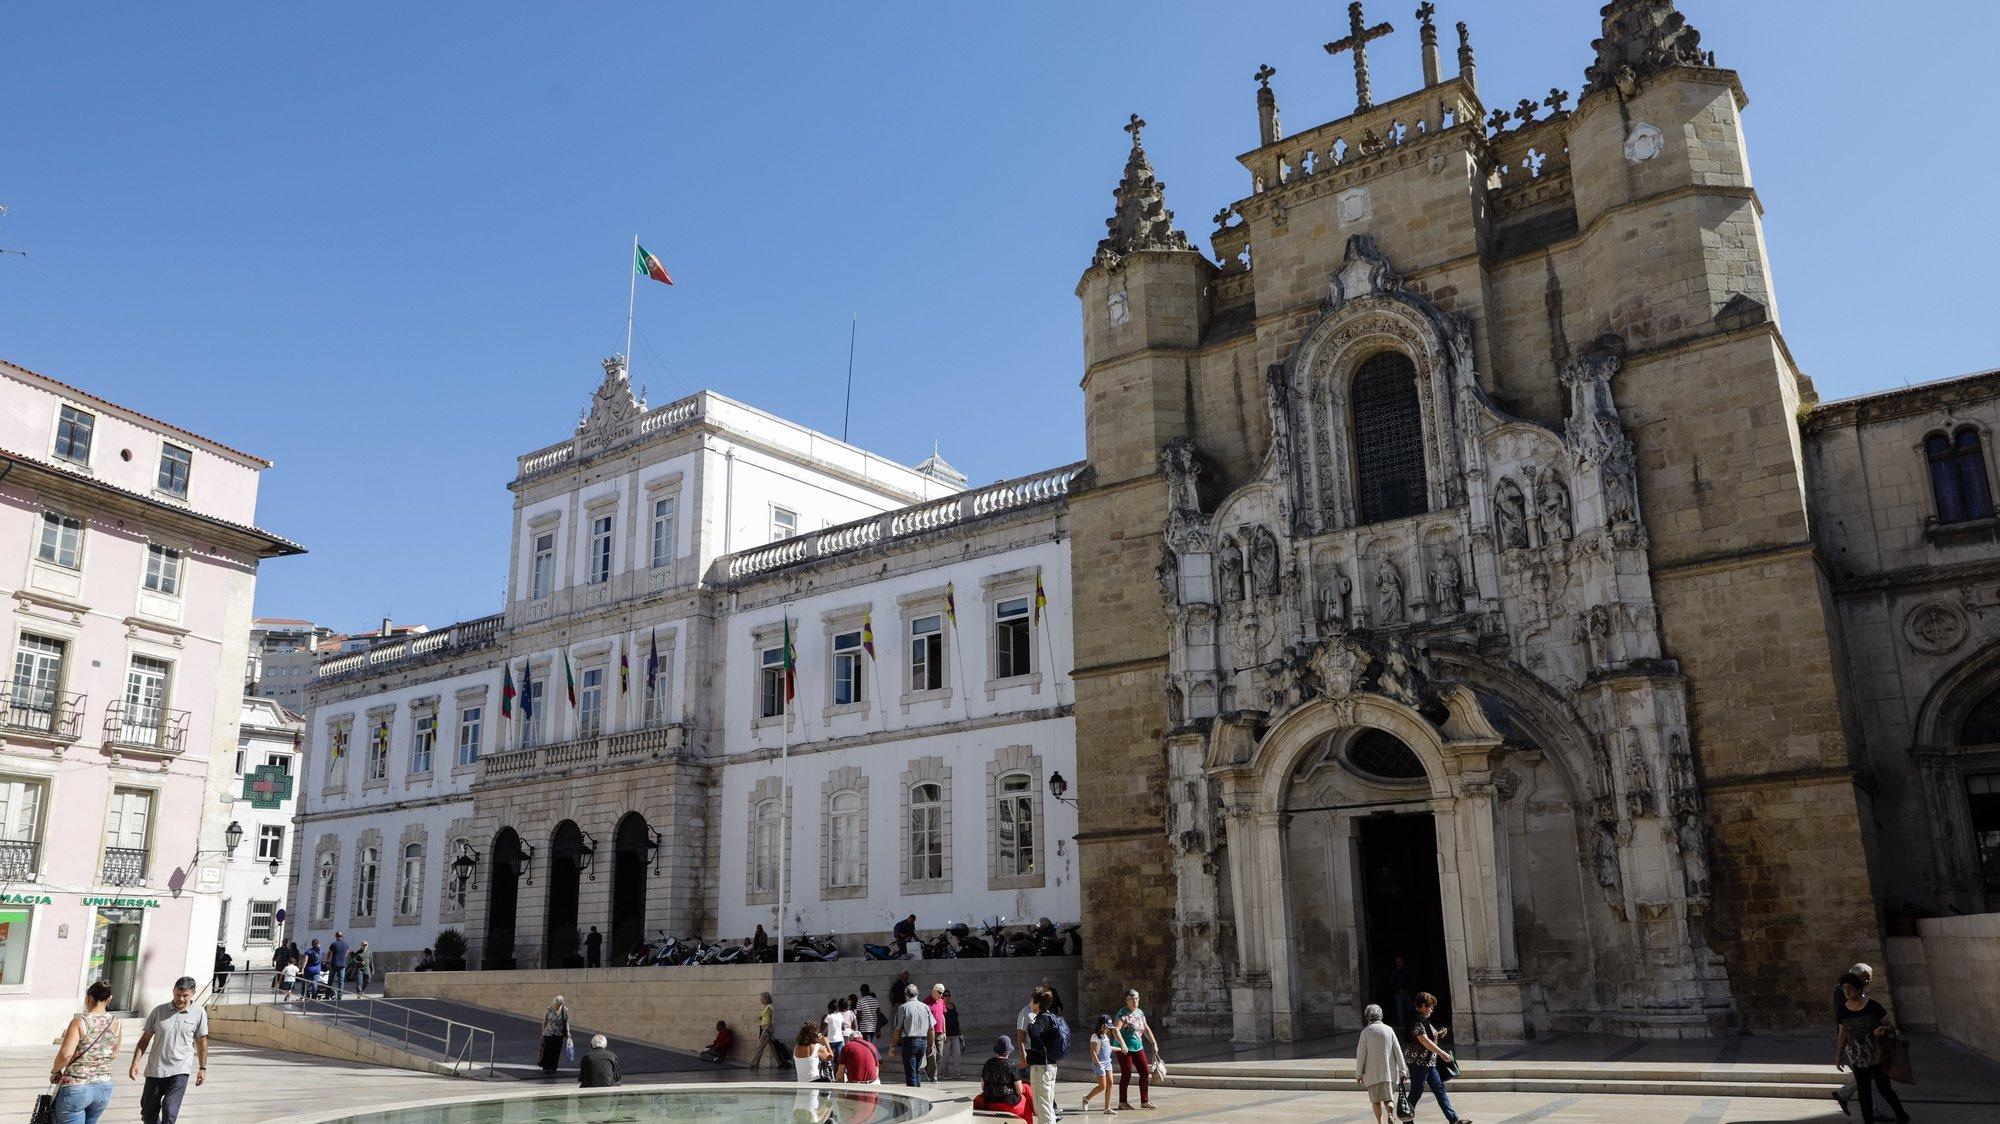 Edifício da Câmara Municipal de coimbra e Igreja de Santa Cruz, em Coimbra 12 de setembro de 2017. PAULO NOVAIS/LUSA